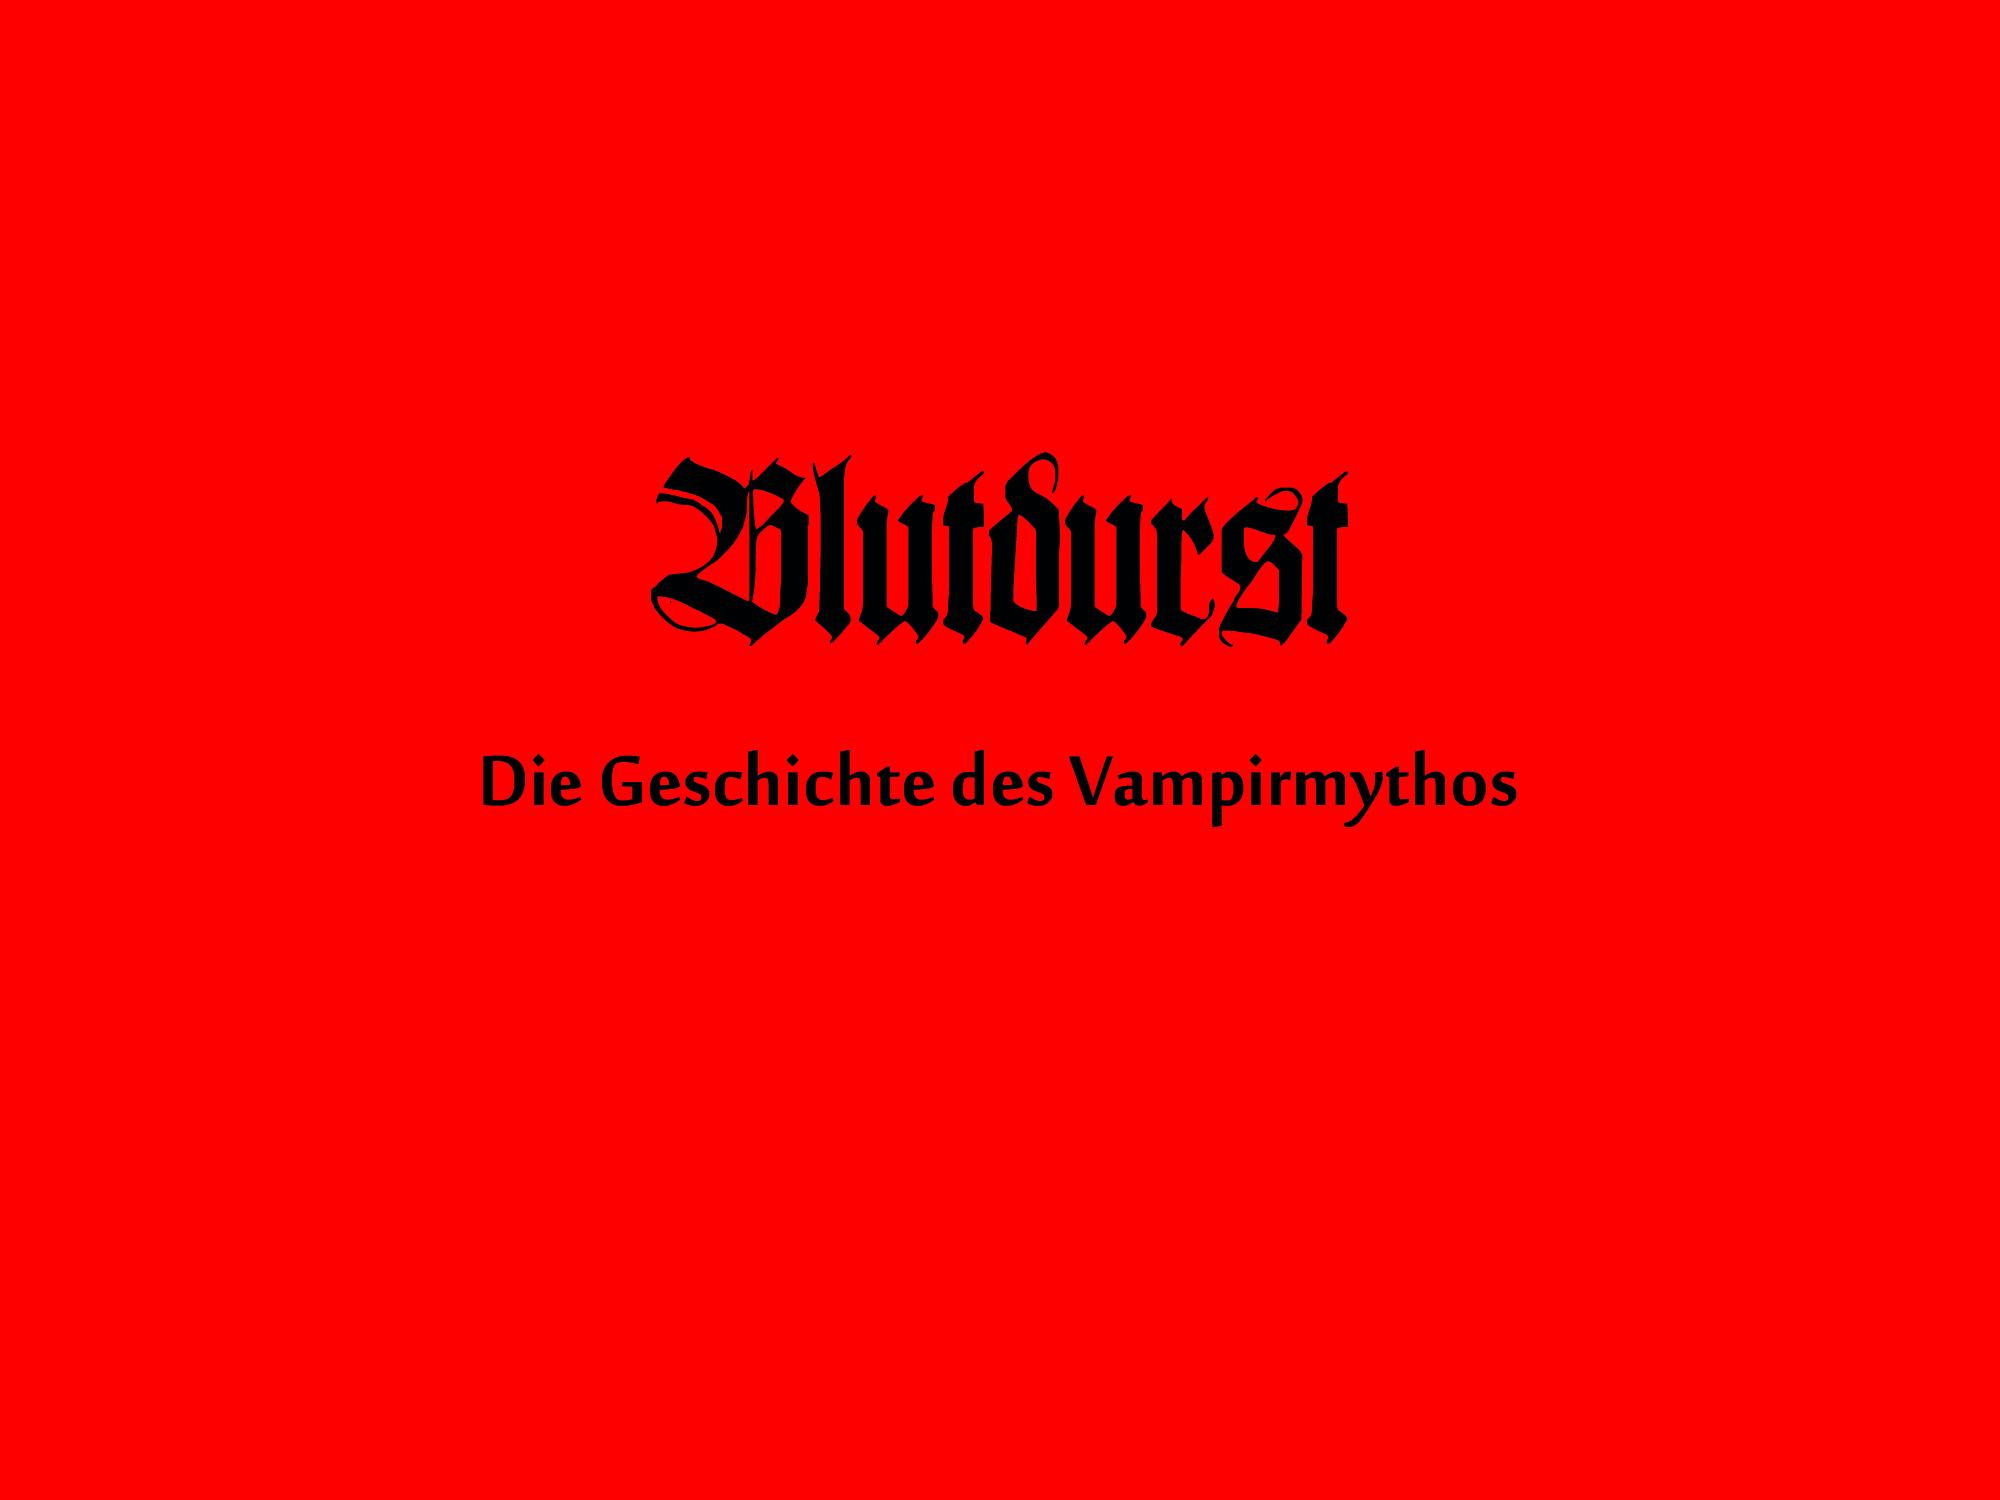 Erklärfilm zur Entwicklung und Symbolik des Vampirmythos in Europa